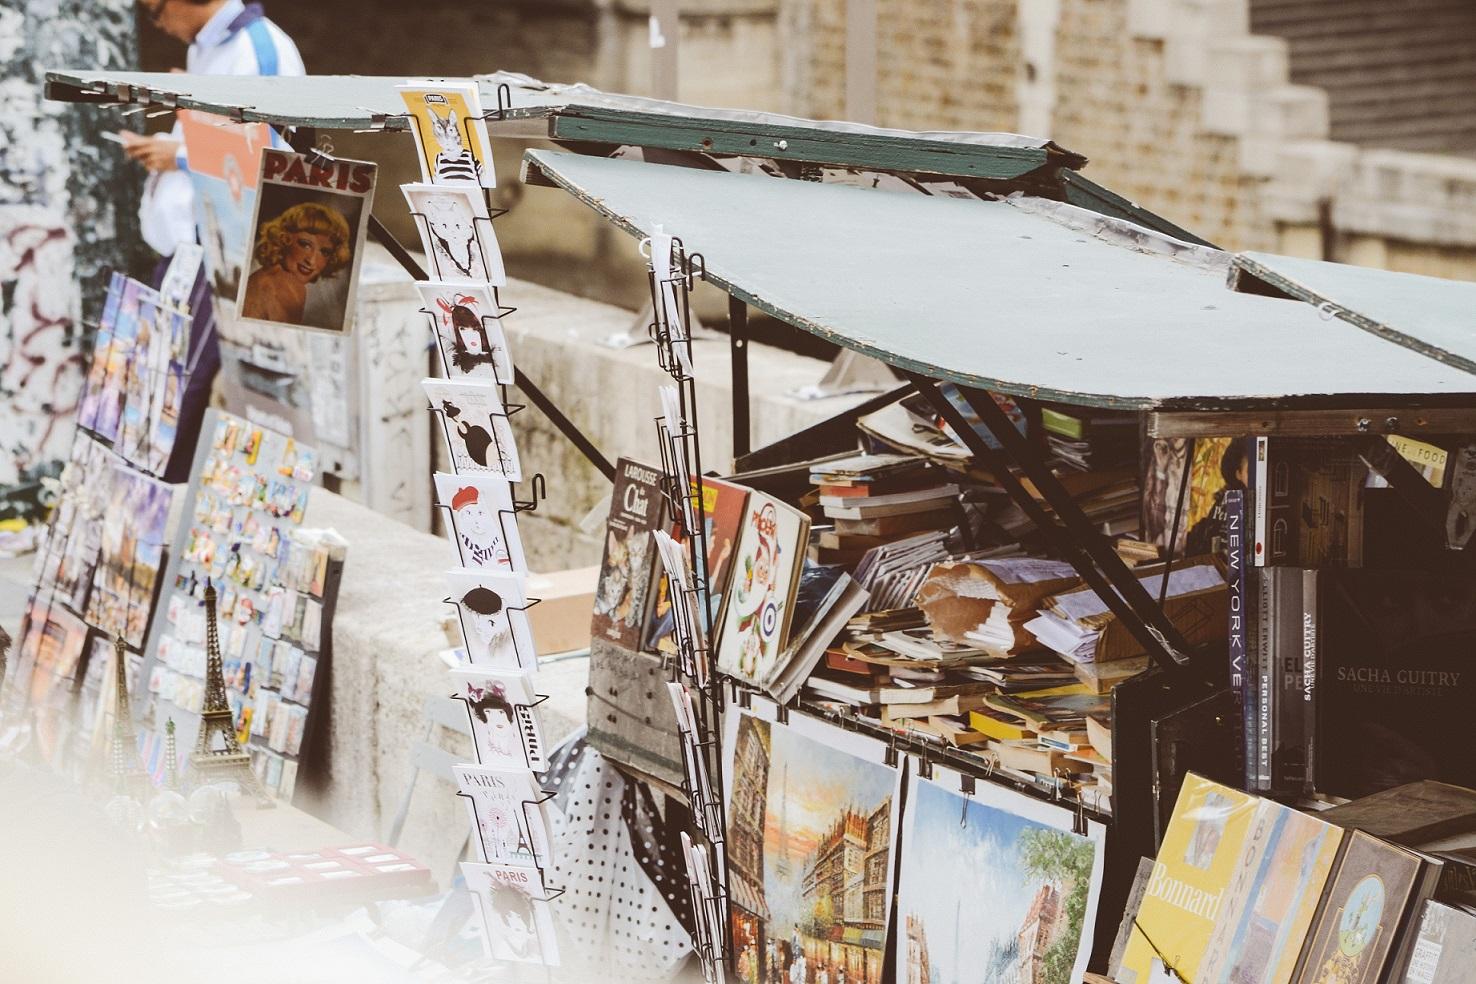 University District Fair